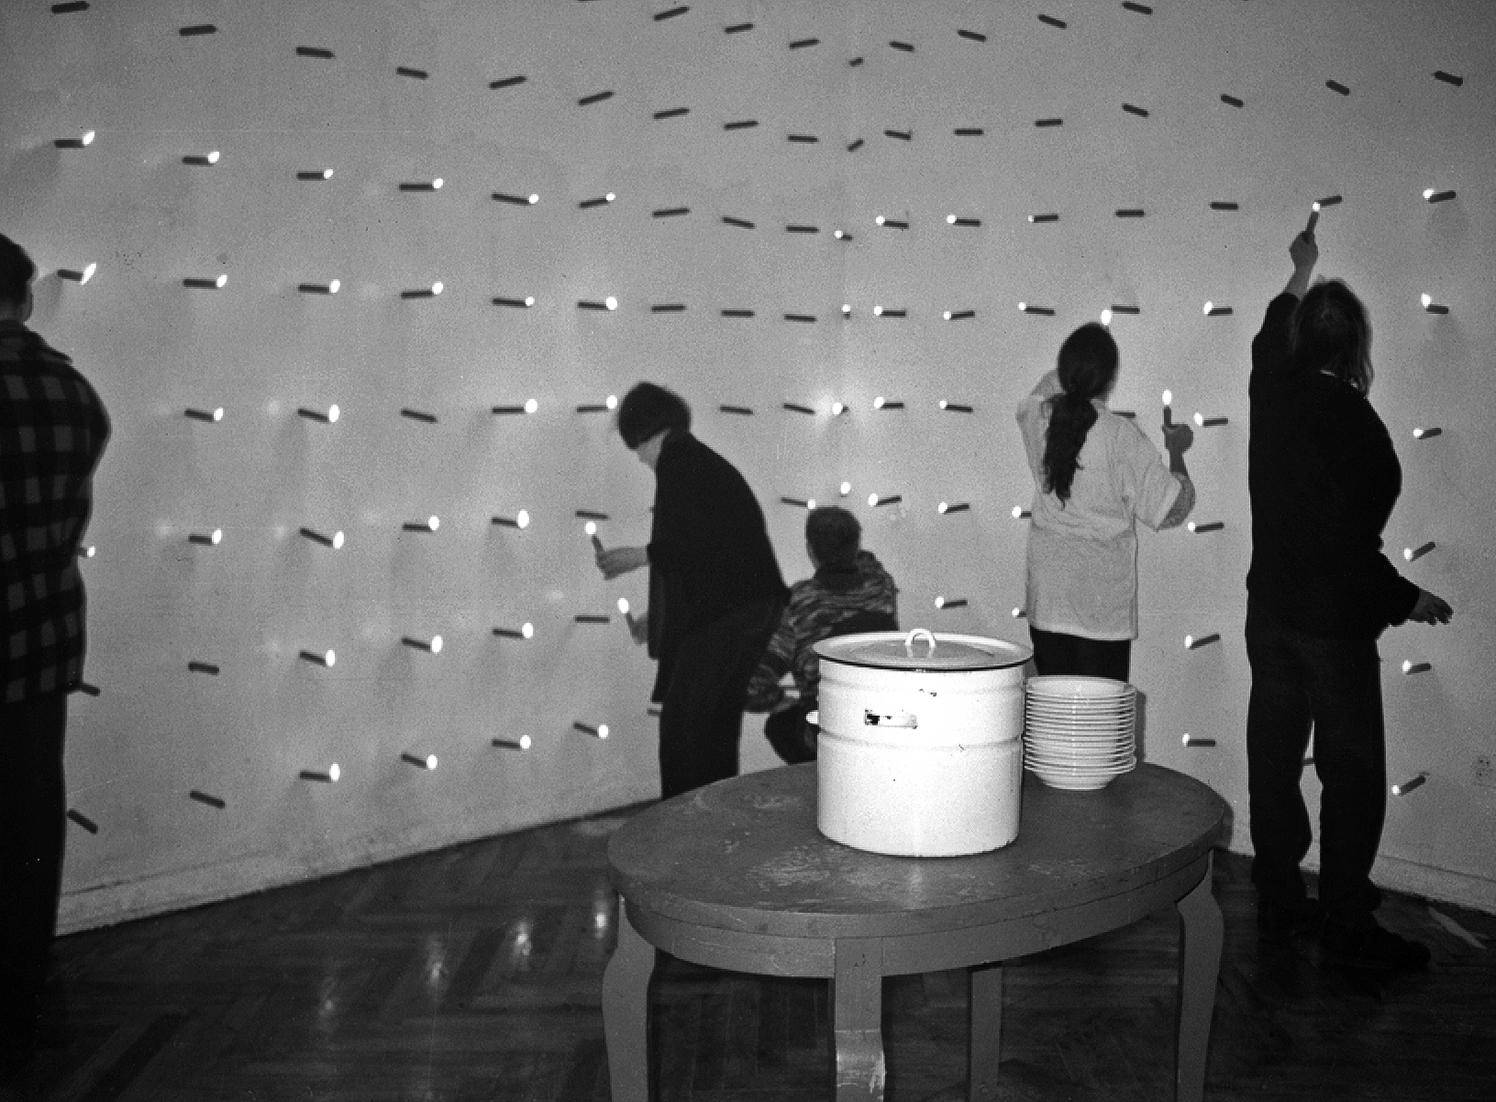 Ryszard Waśko, Posiłek dla biednych ibogatych, 1993